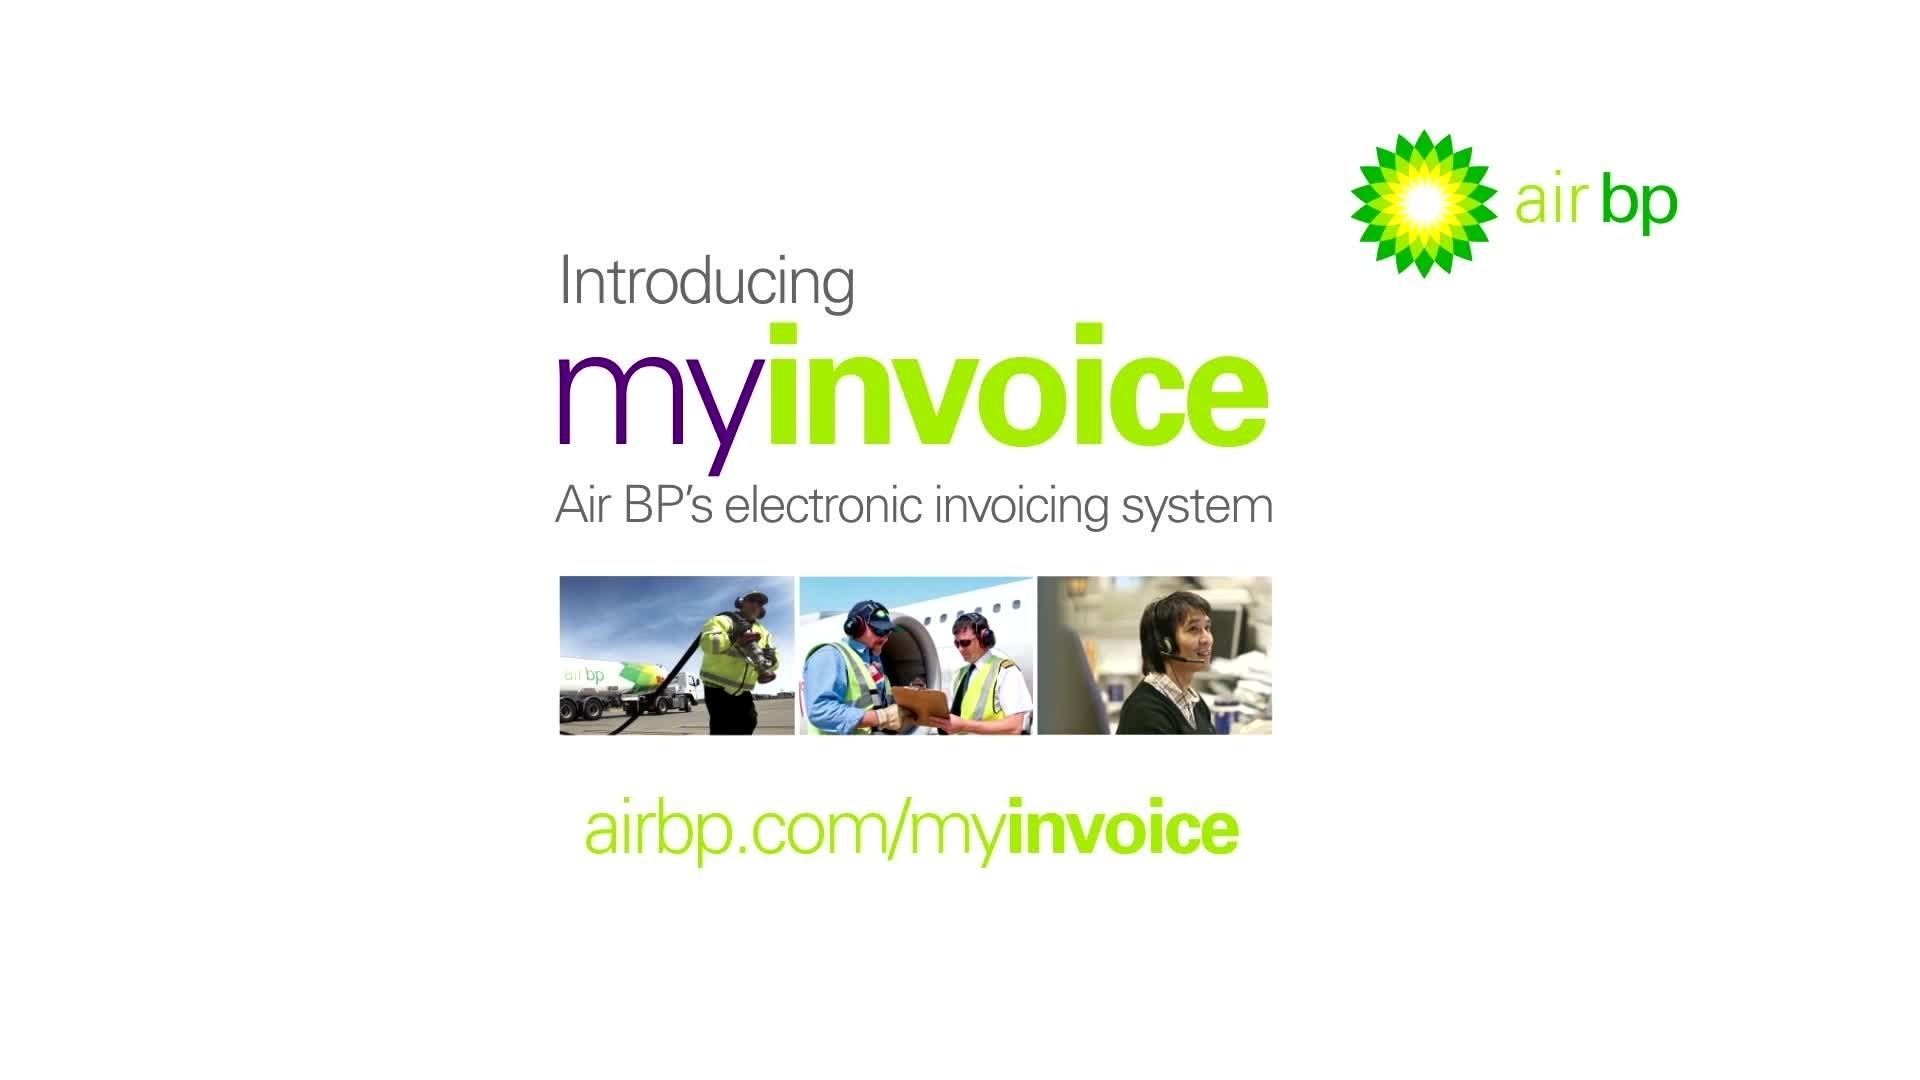 myinvoice customer area air bp